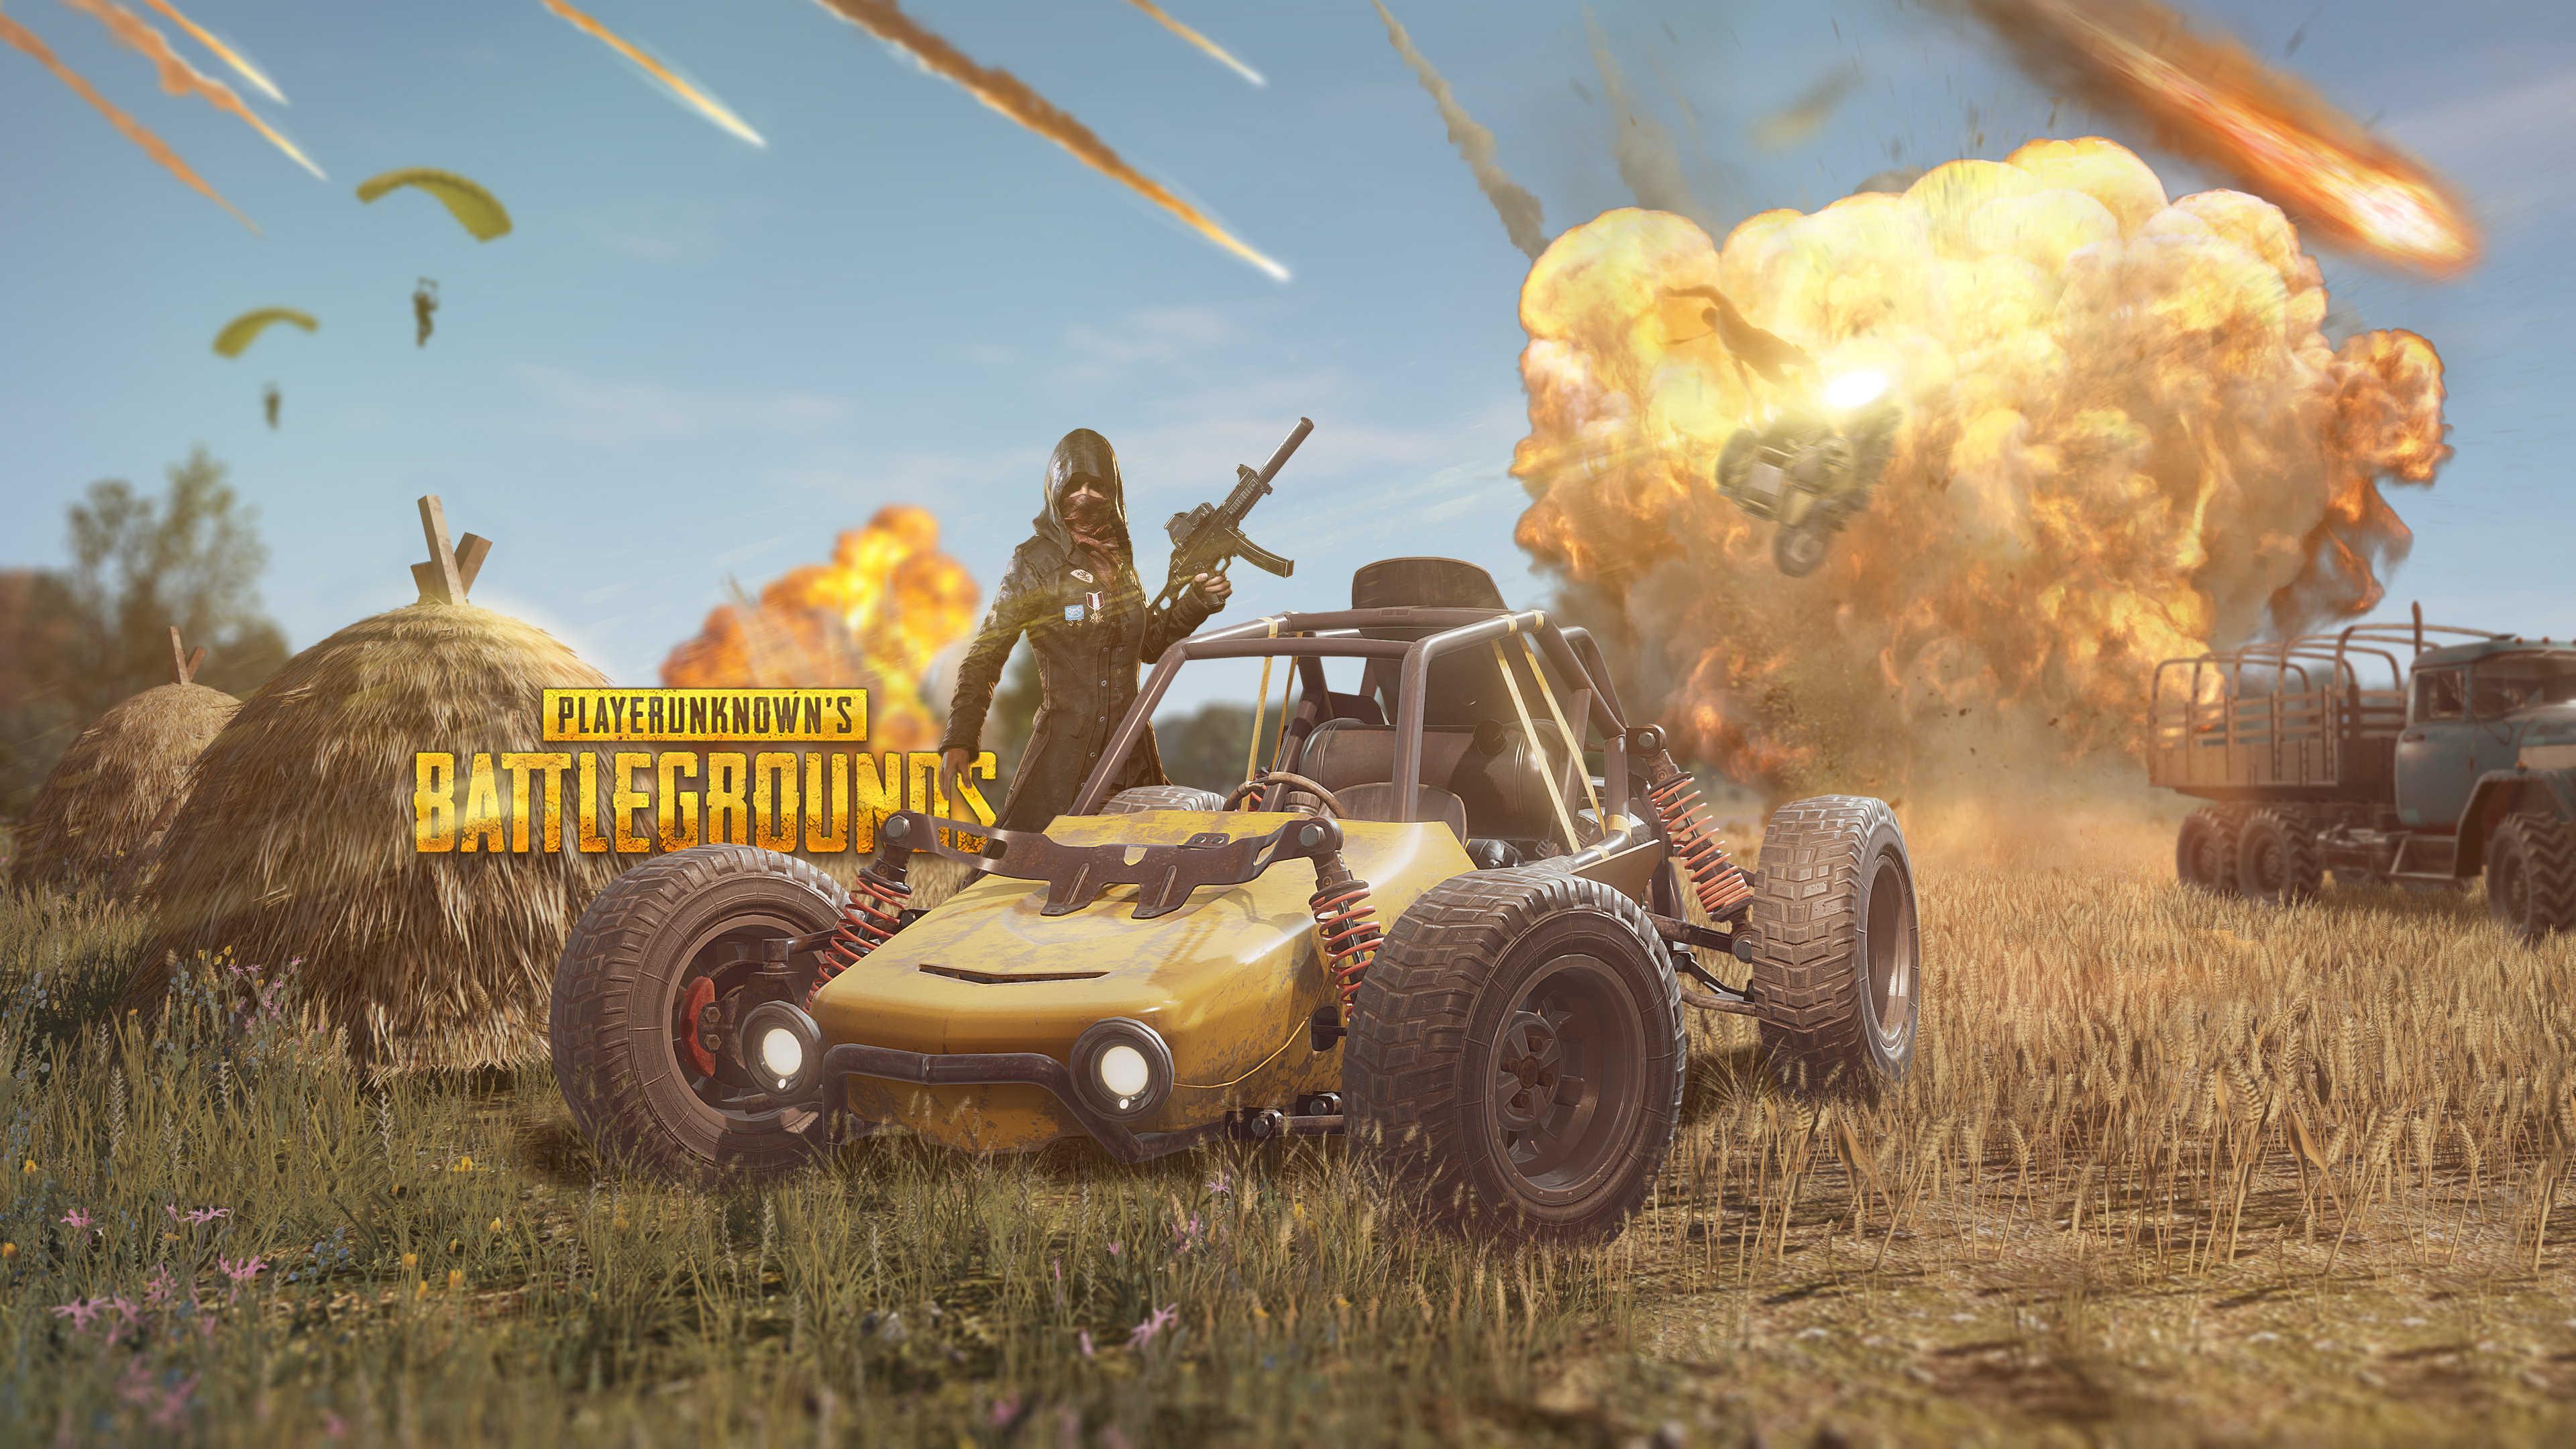 Playerunknowns Battlegrounds Car 4k Wallpapers Hd Desktop